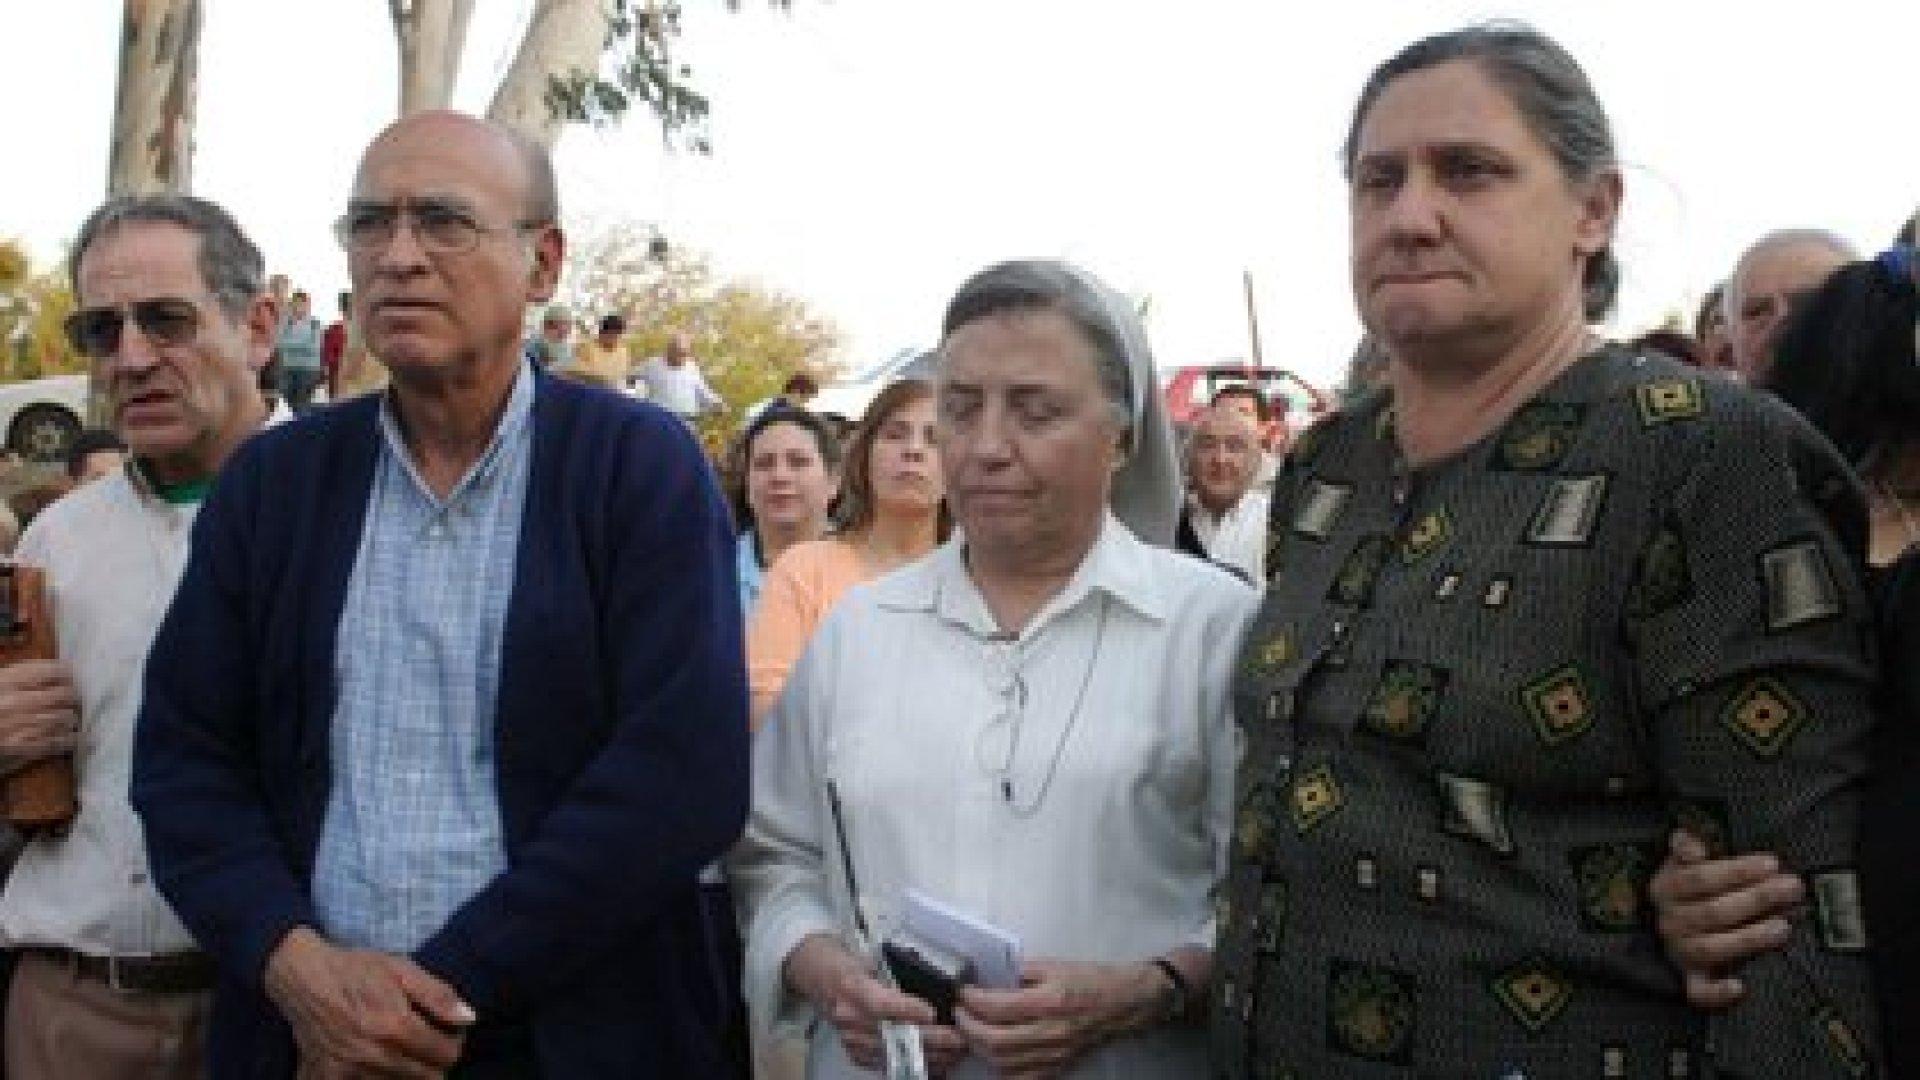 La hermana Pelloni y los padres de Maria Soledad Morales, participan de una marcha a 15 años de su asesinato. Foto NA